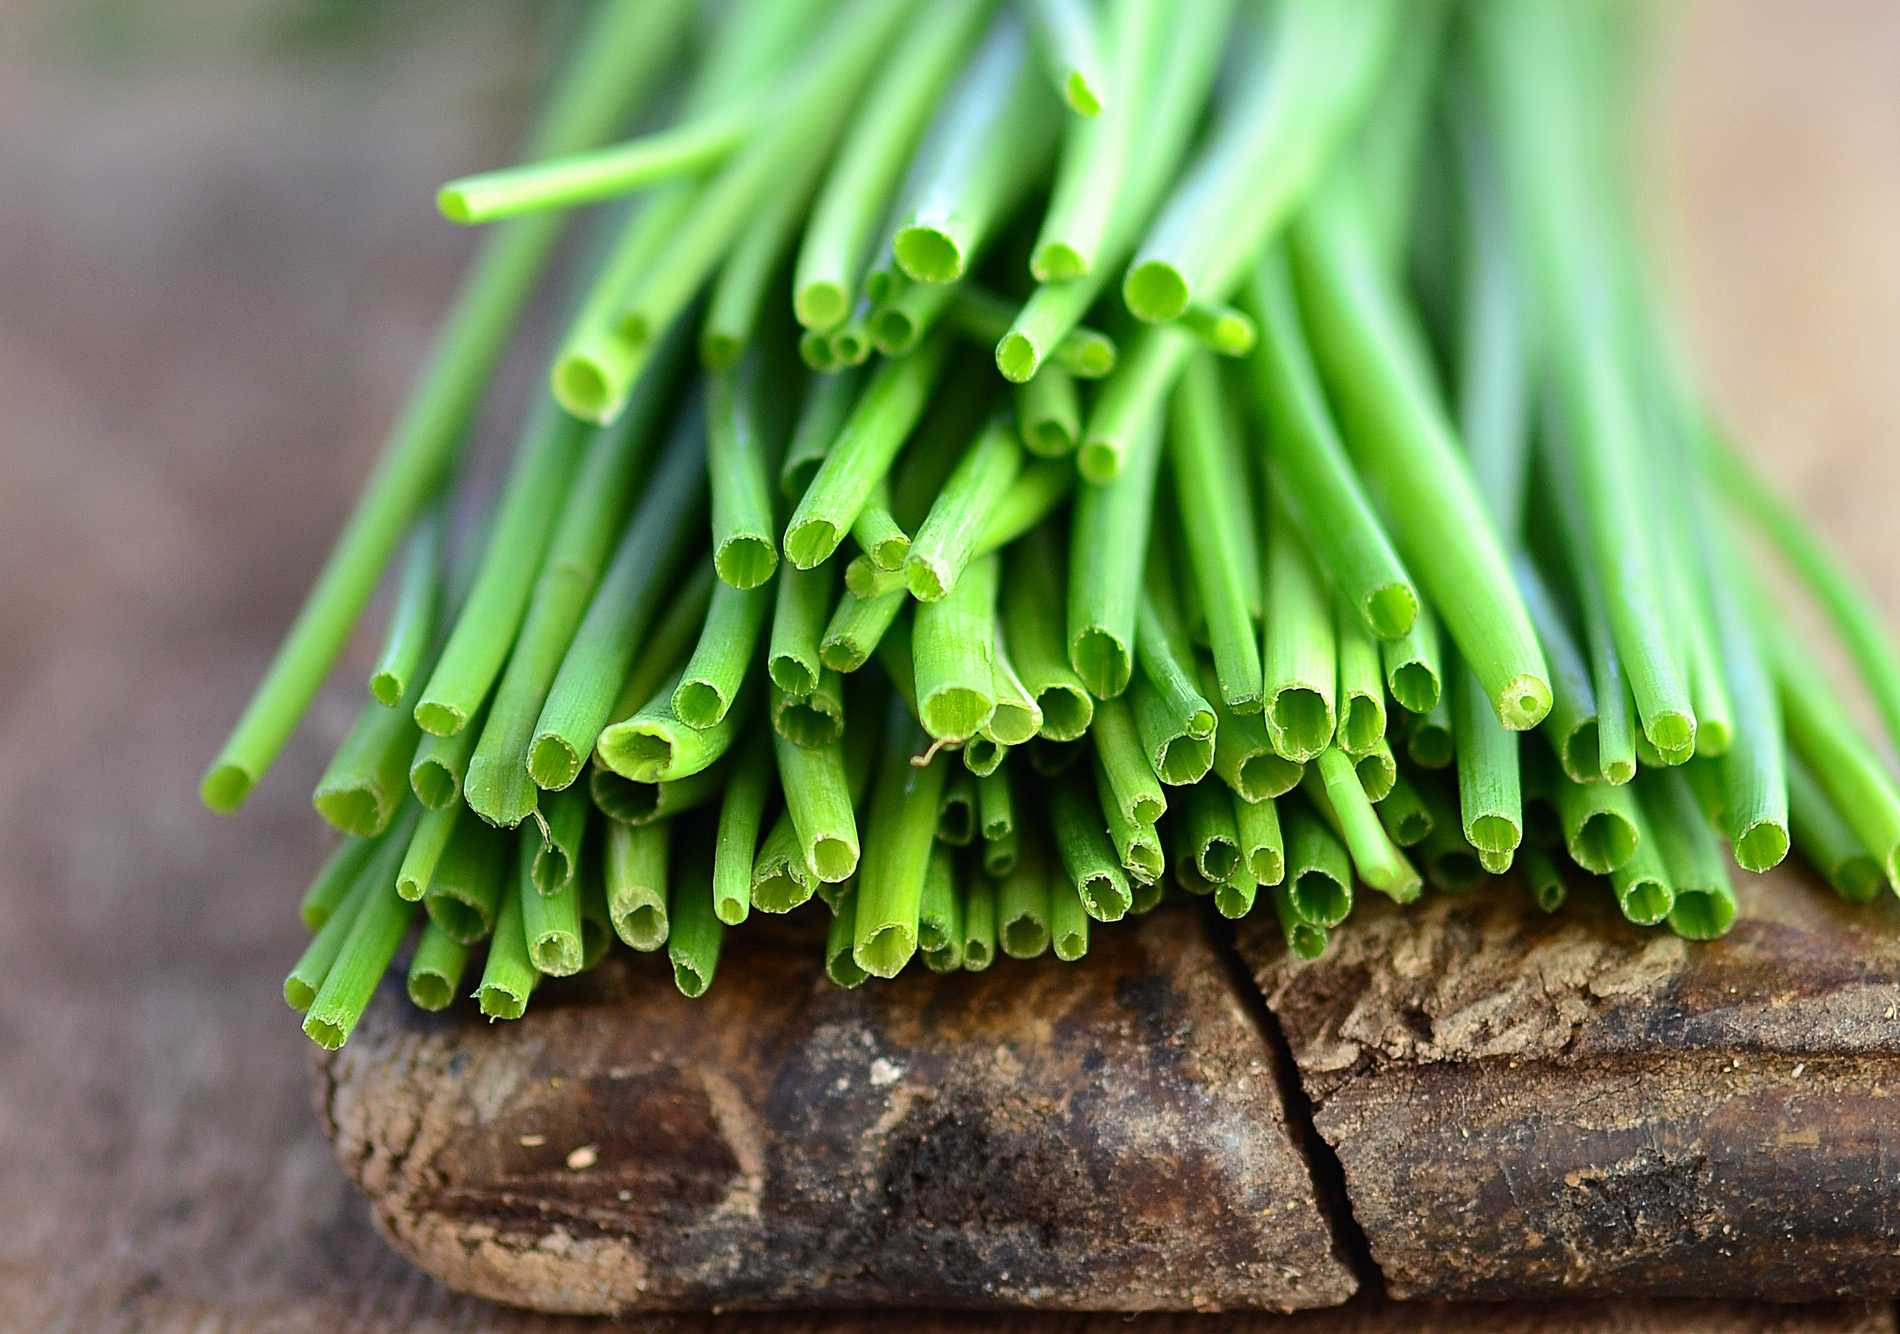 Gräslök är en klassisk smaksättare till fisk, äggrätter och bakad potatis.